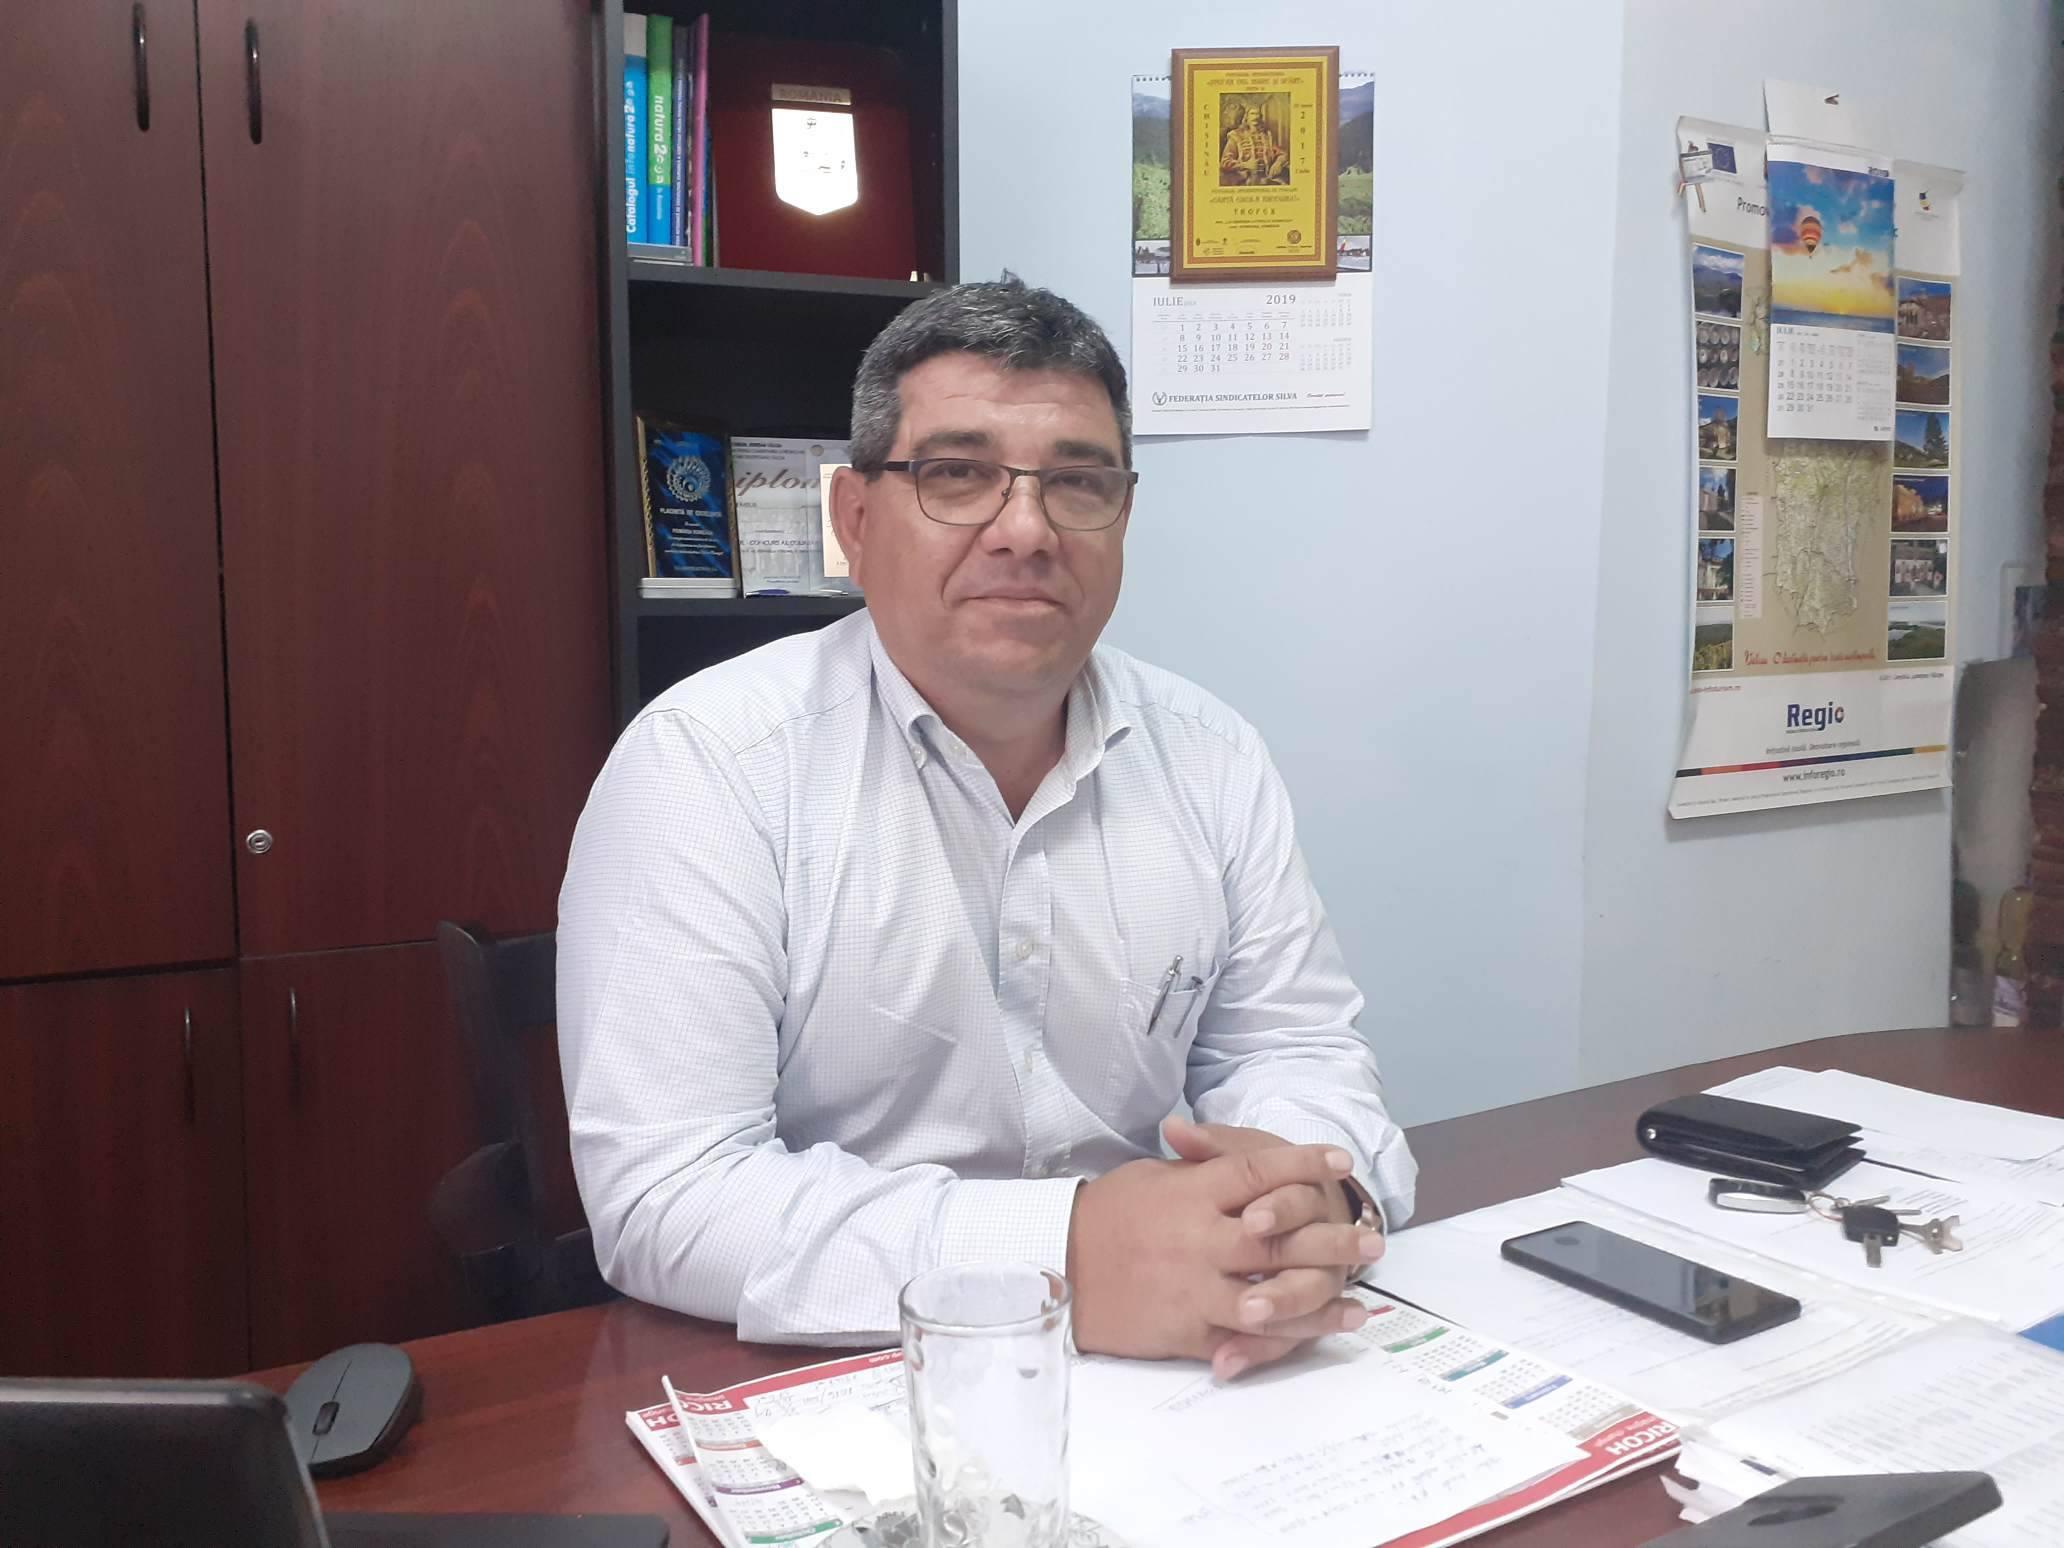 Gabriel Nastasescu a obtinut un nou mandat de primar al localittatii Voineasa, în urma unei victorii categorice